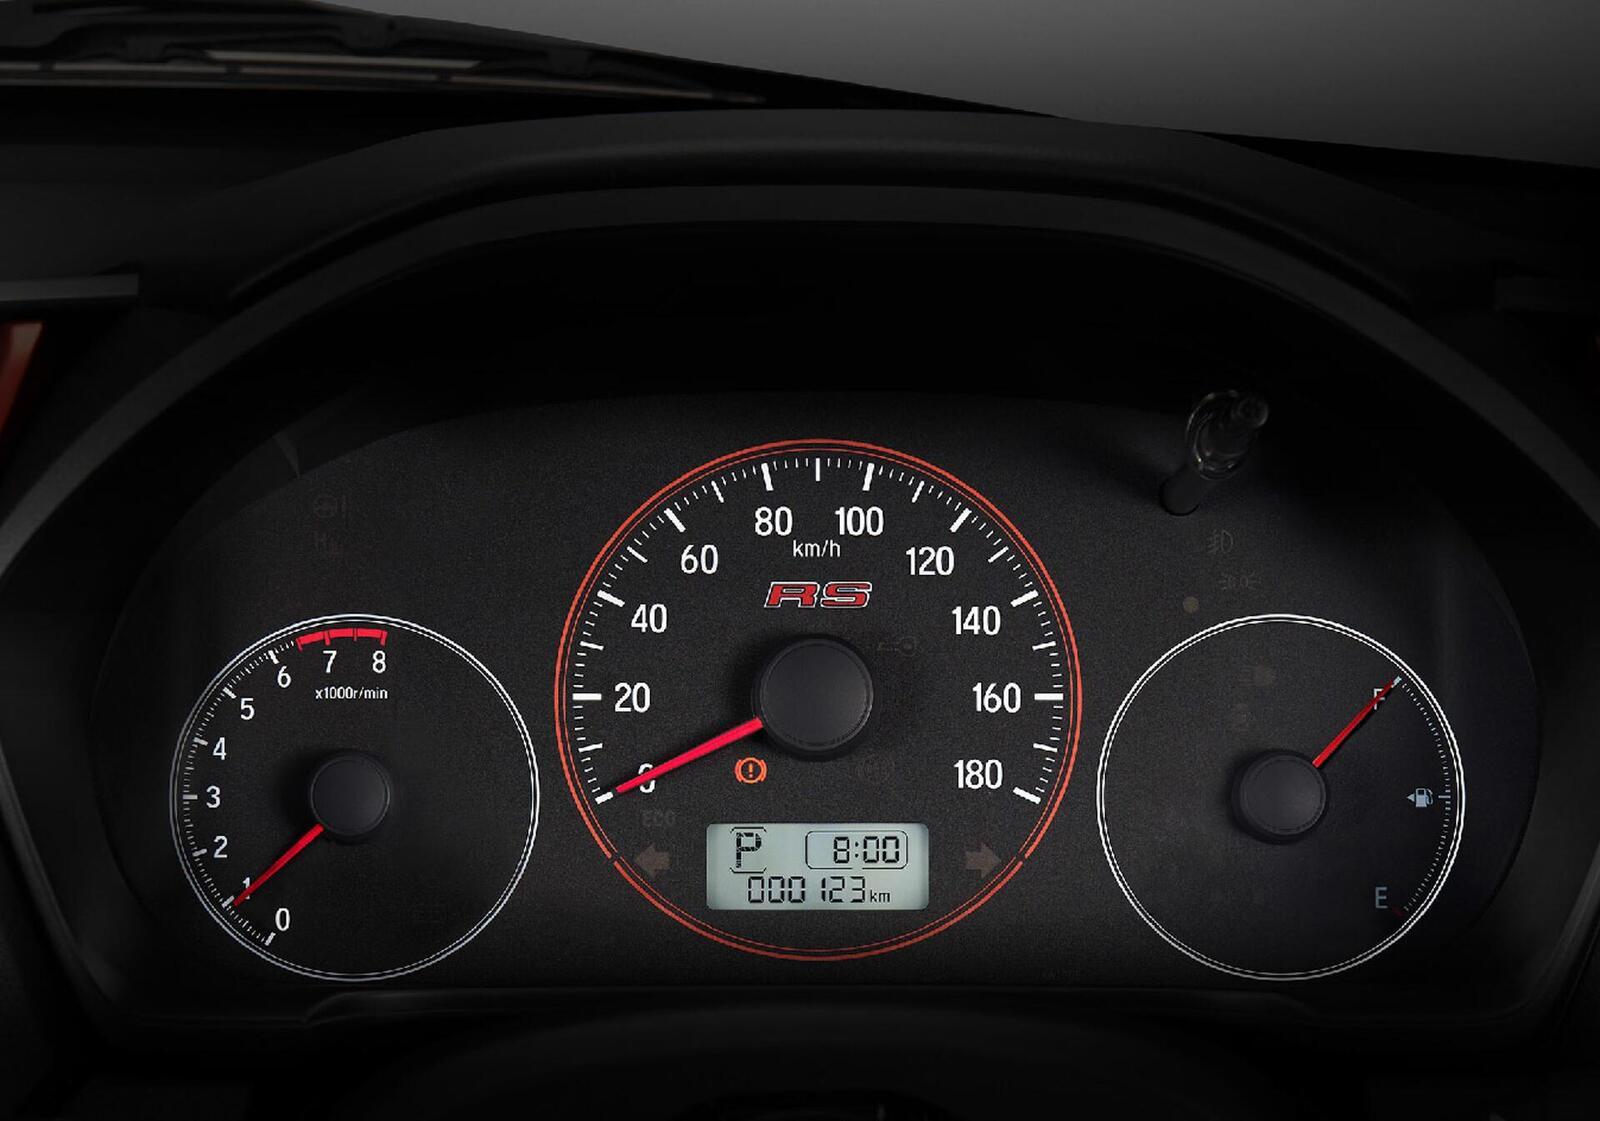 Dự đoán 3 phiên bản Honda Brio sắp ra mắt vào ngày 18.06 sắp tới - Hình 11